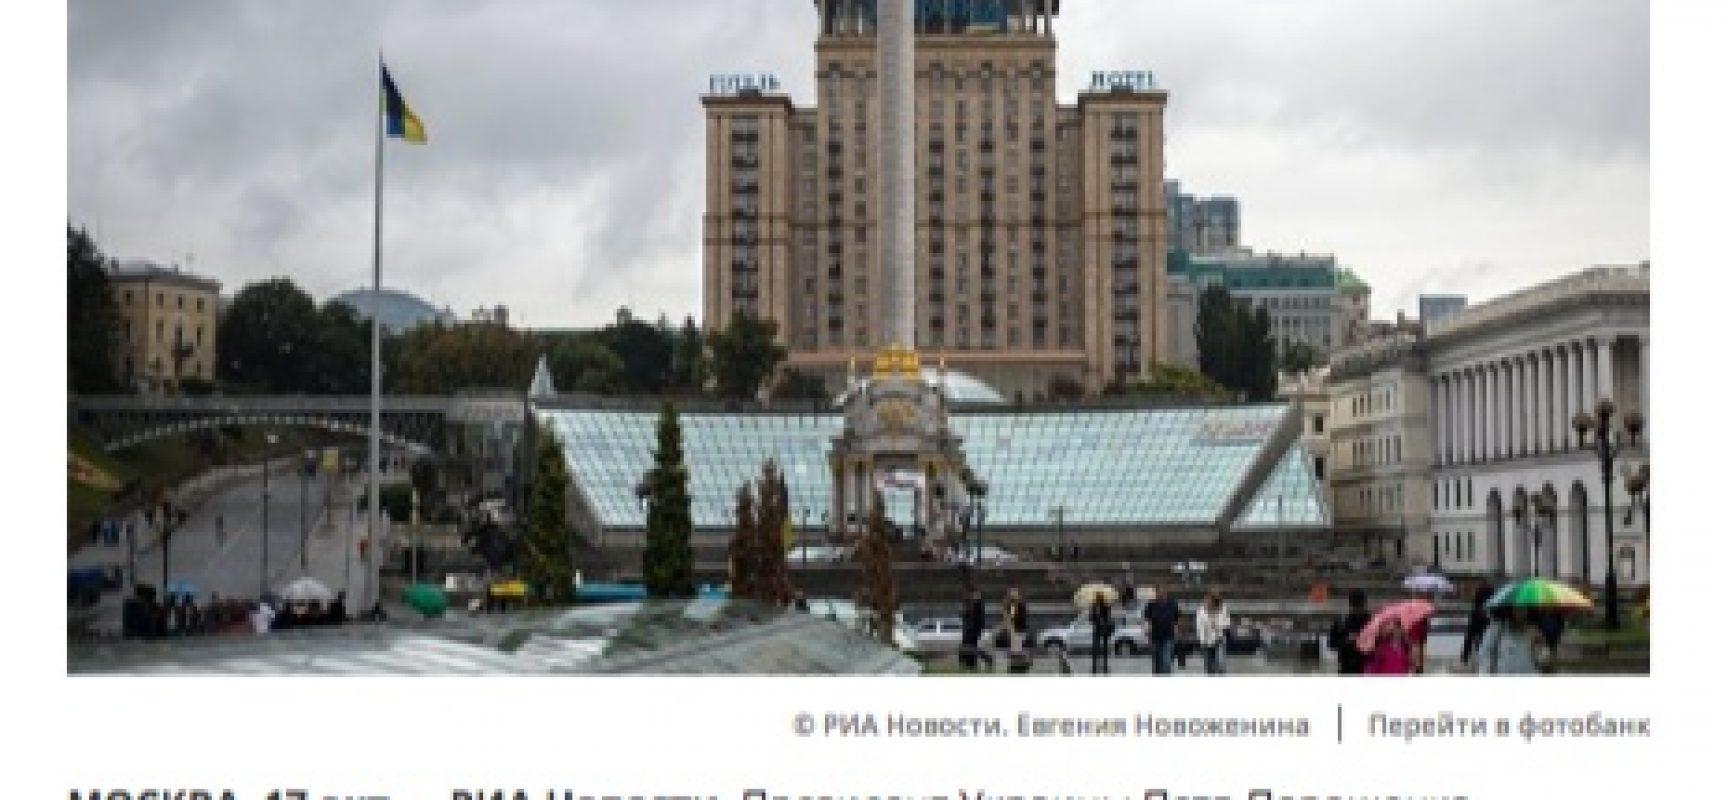 Fake : Le sanzioni alla Russia porteranno l'Ucraina alla rovina